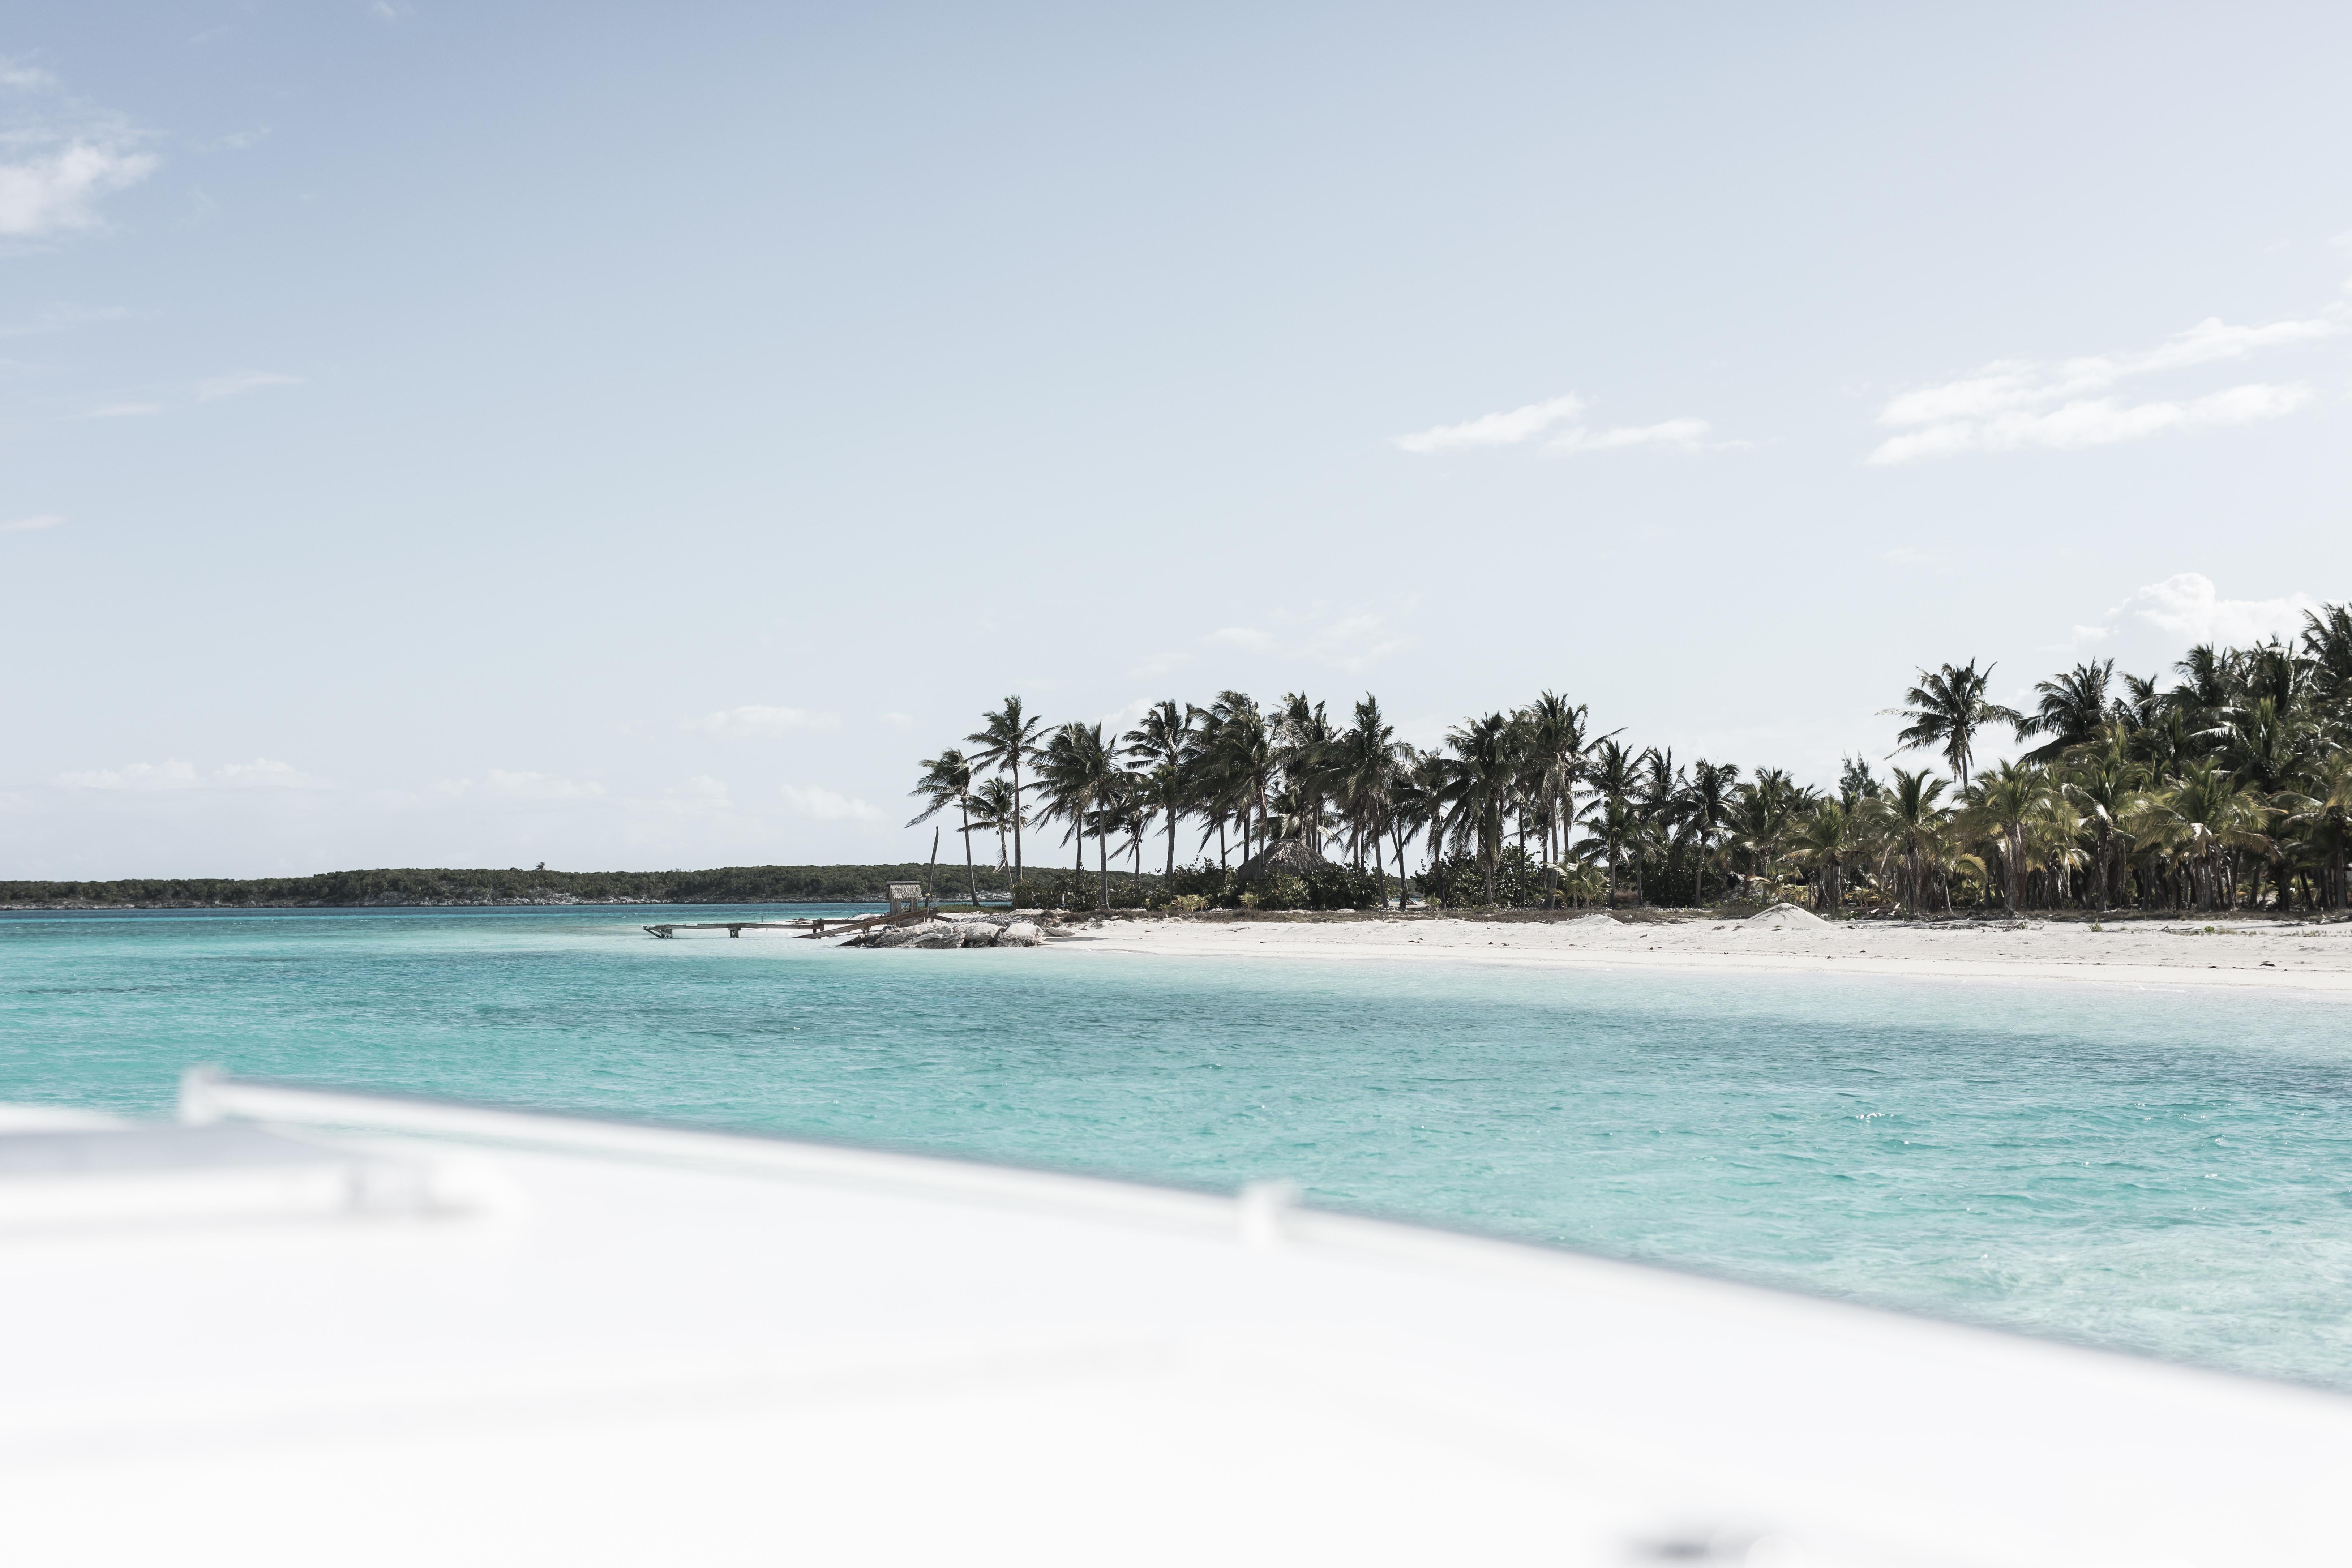 annalaurakummer-bahamas-travel-guide-reise-17